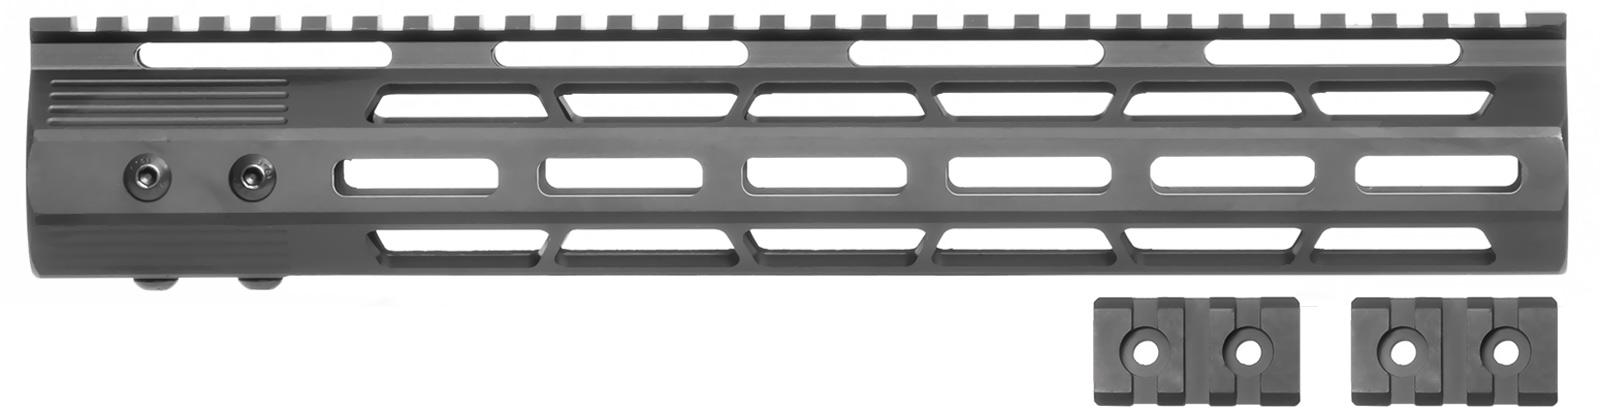 ar-15-rail-12-cbc-arms-tactical-m-lok-ar-15-handguard-rail